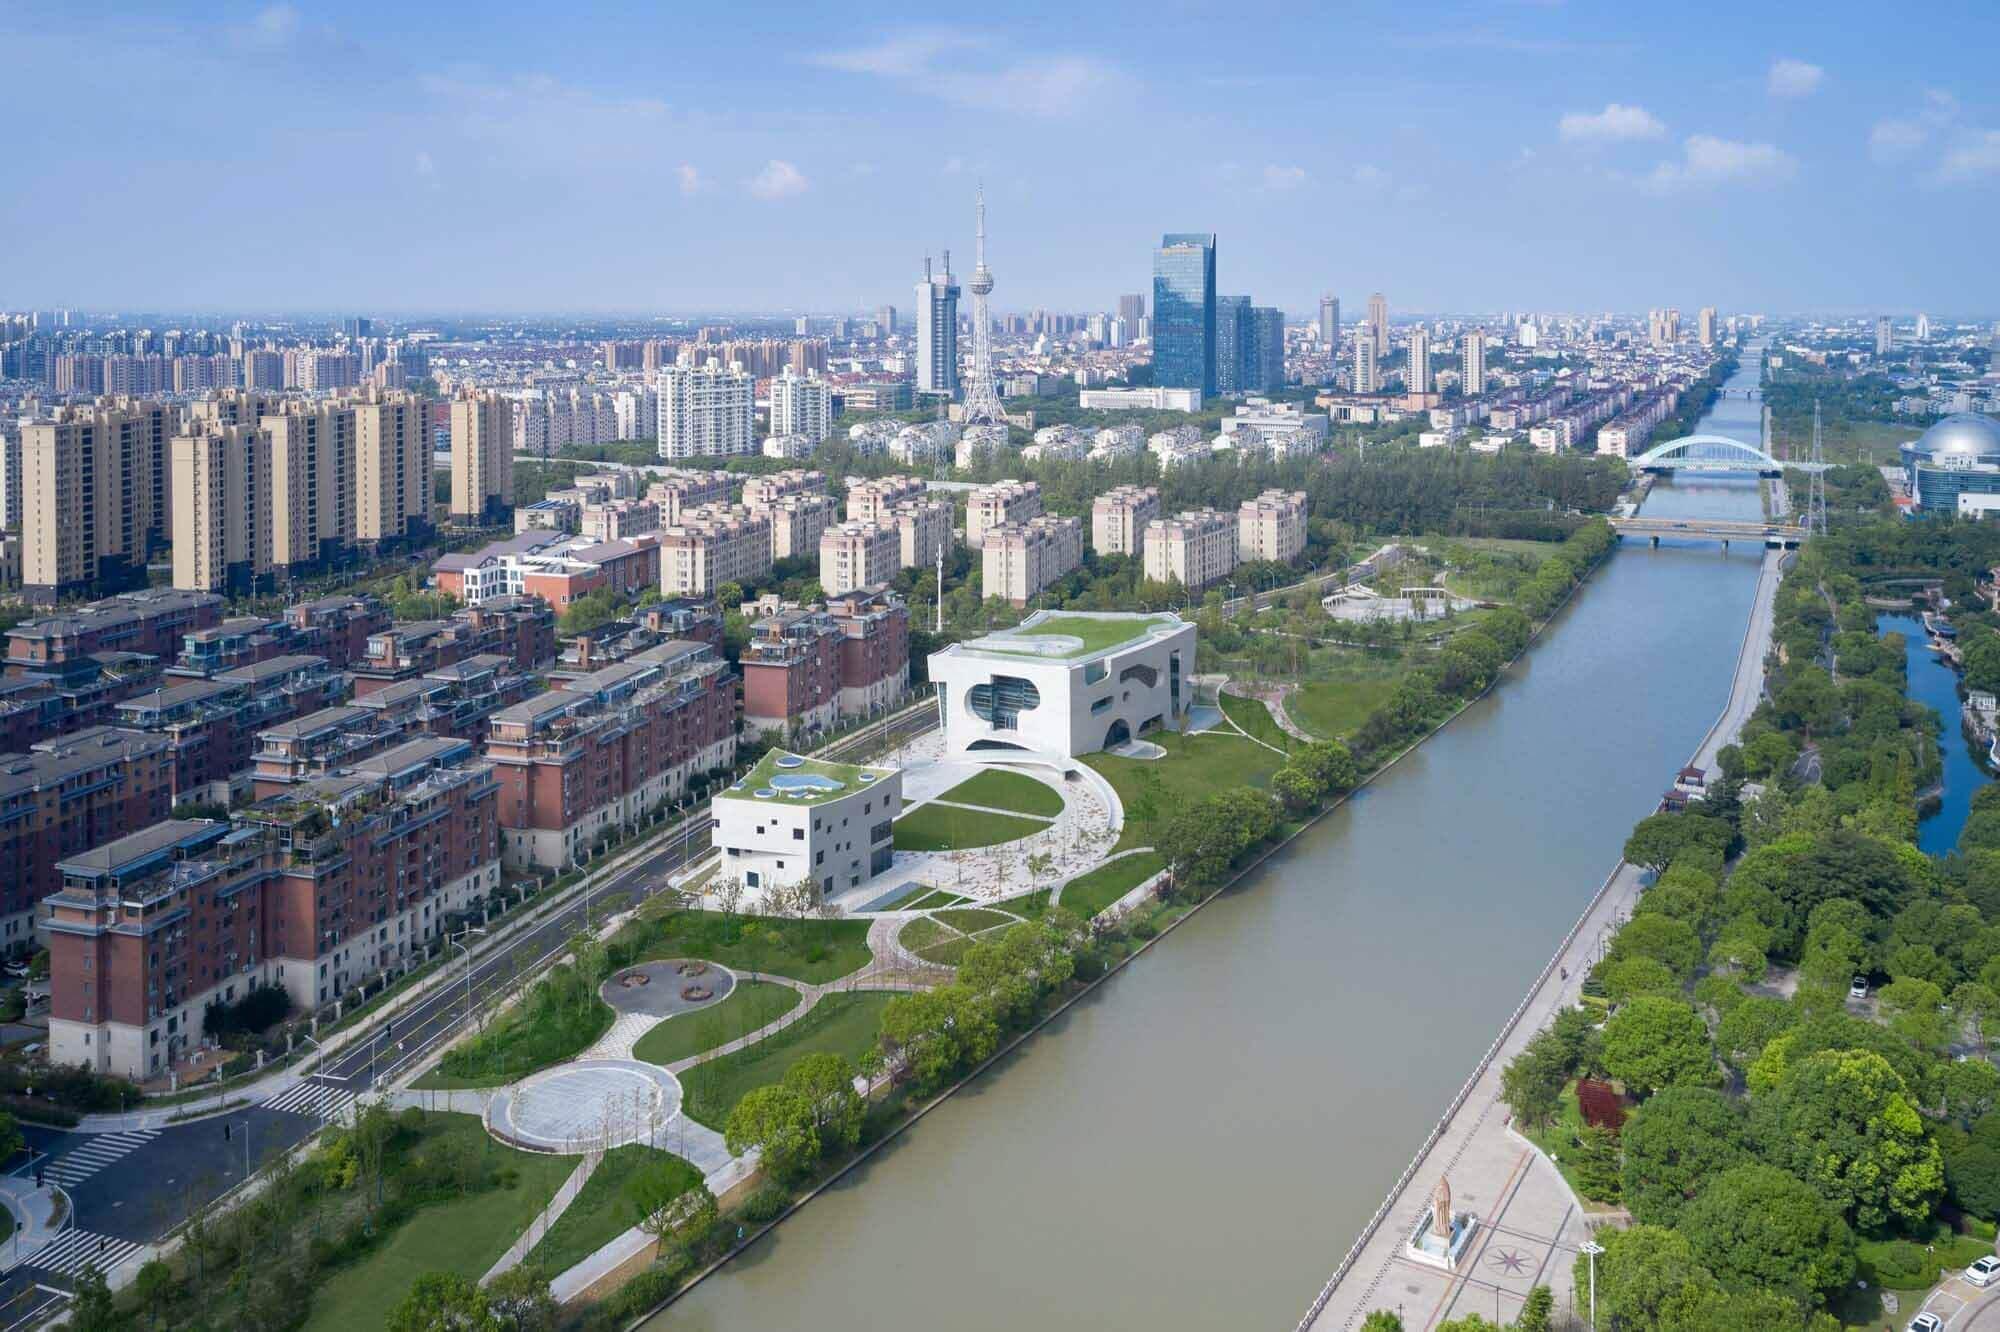 Центр культуры и здоровья Shanghai Cofco / Steven Holl Architects